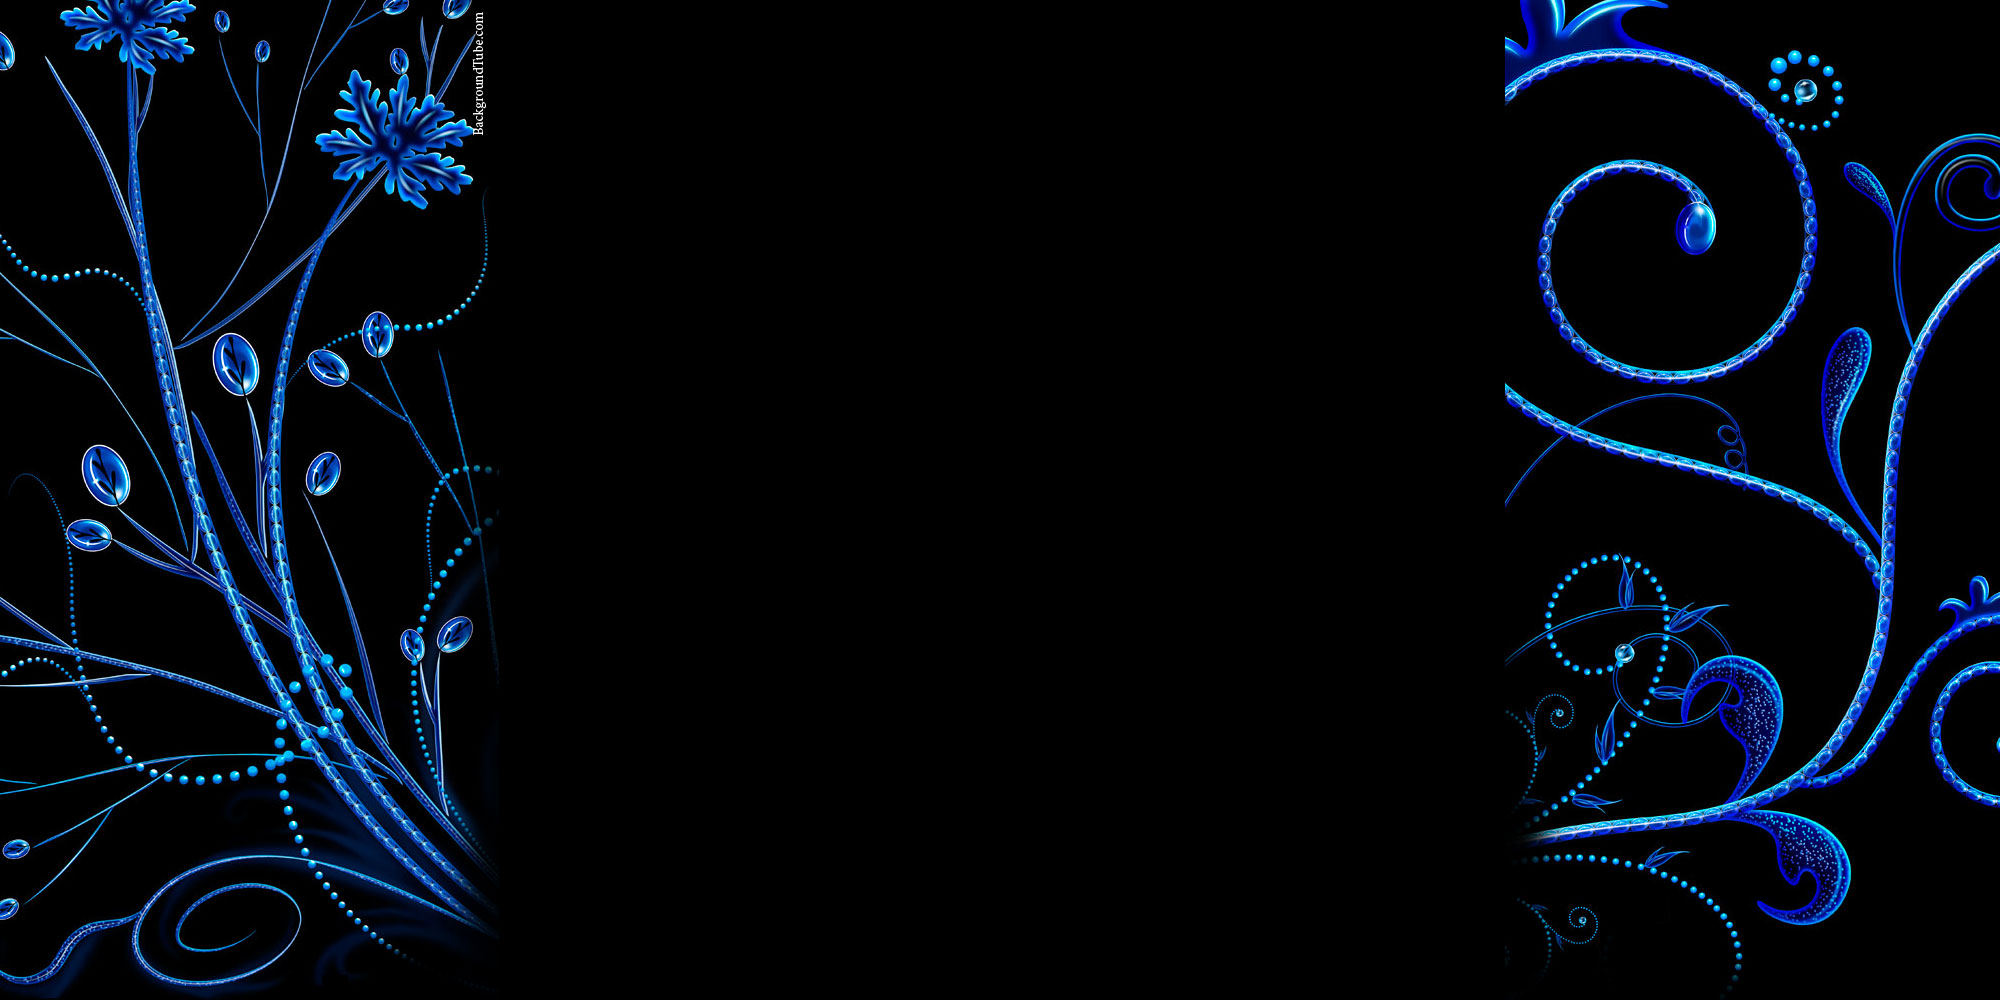 blue and black background design